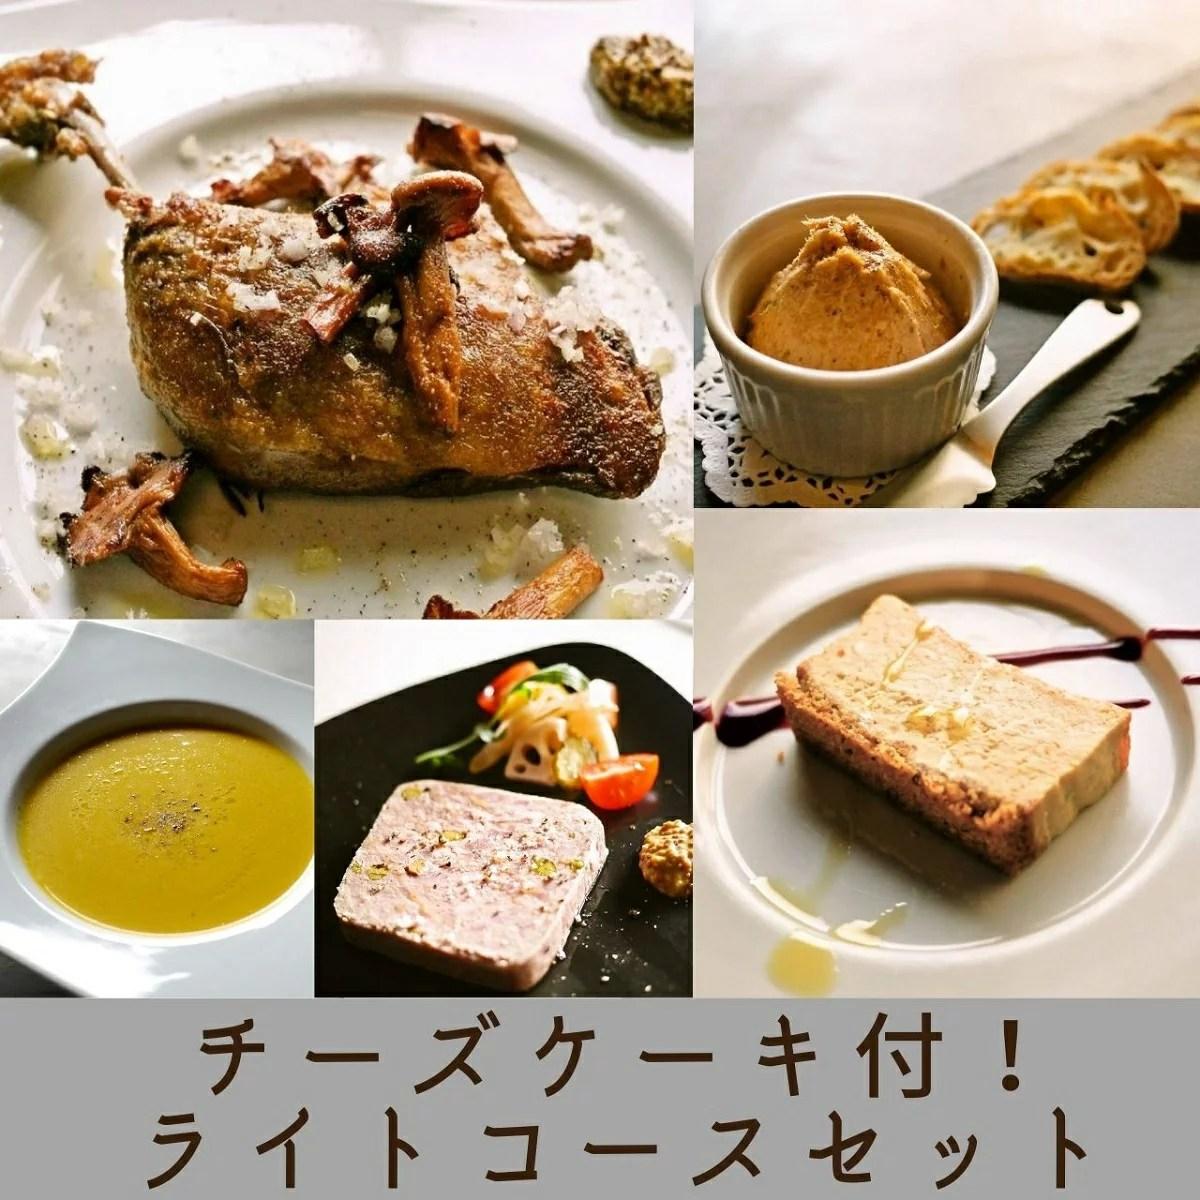 チーズケーキ付き!ライトコースセット@中目黒ビストロボレロ前菜からメイン、デザー